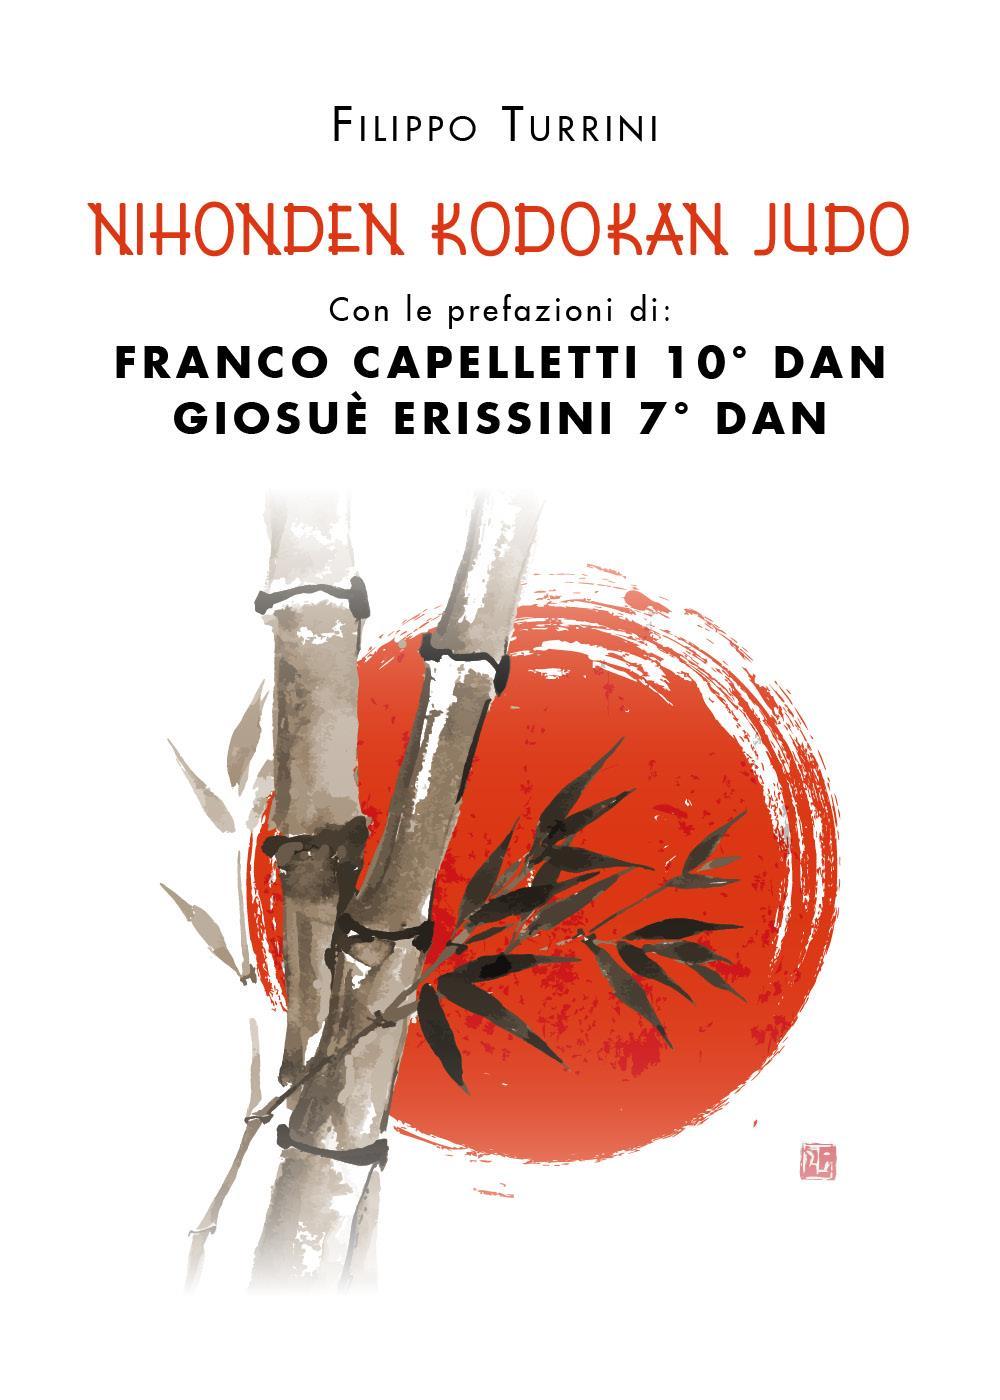 Nihonden Kodokan Judo